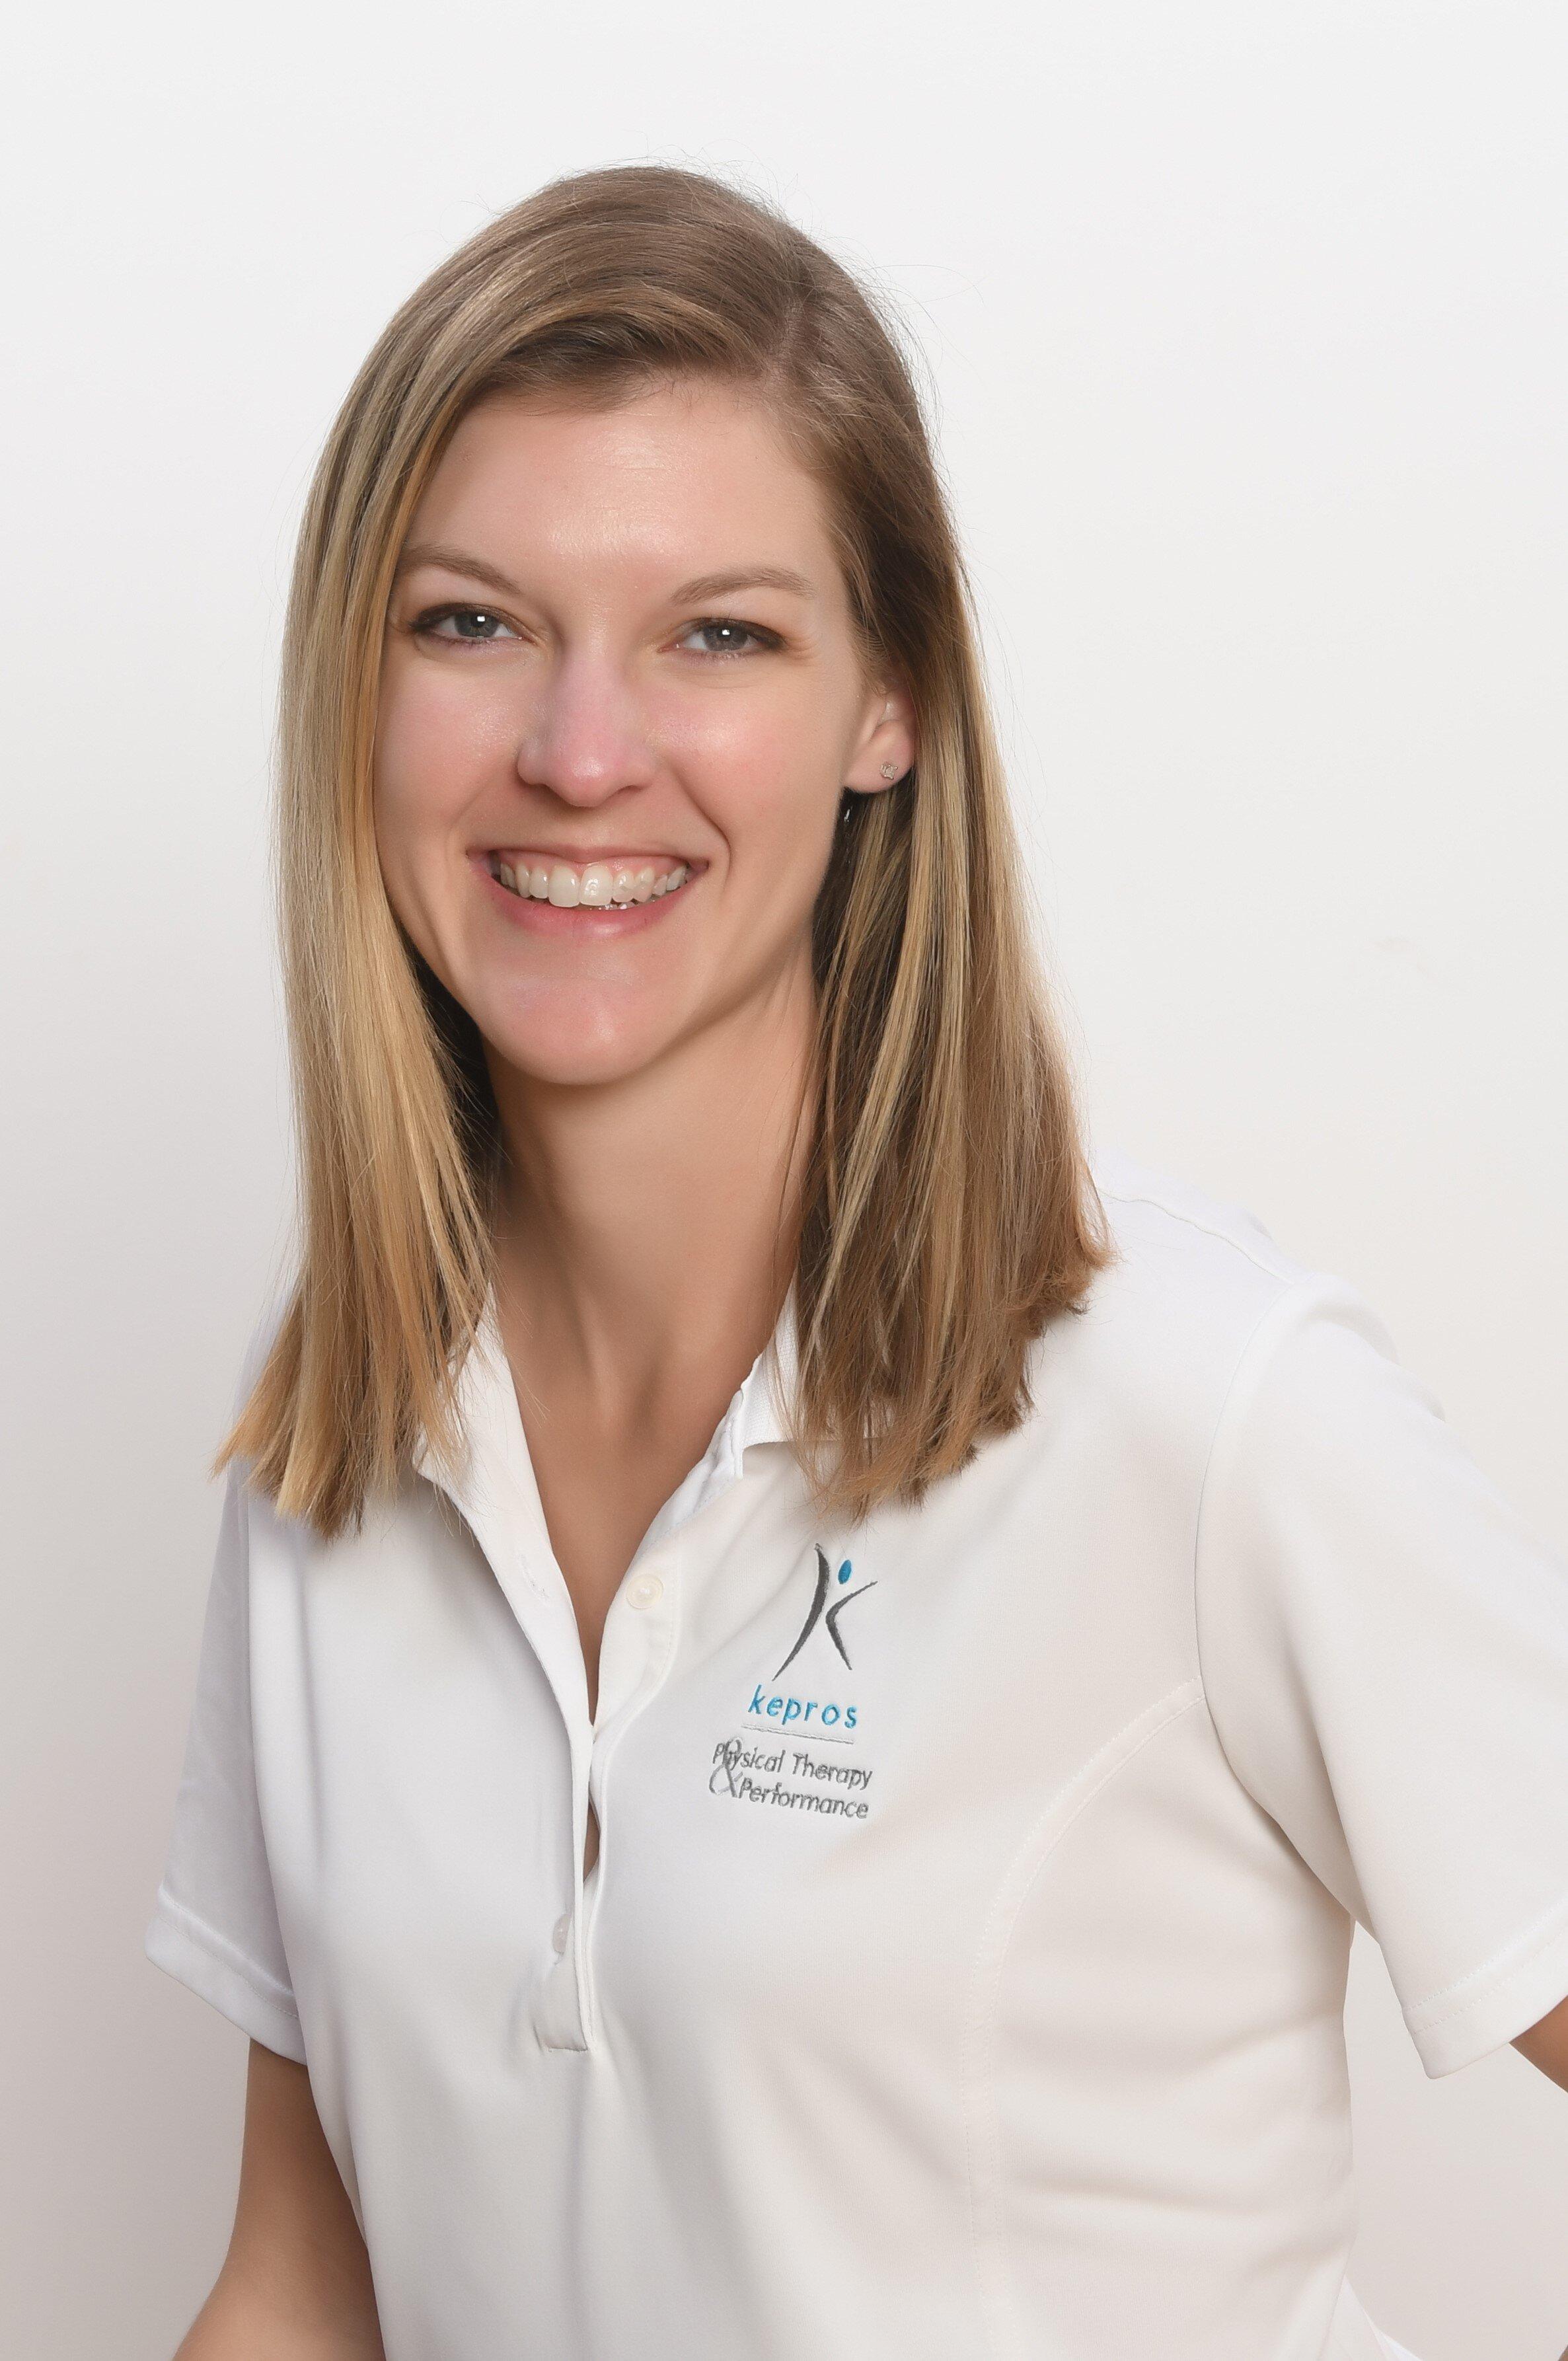 Jill McDonnell, PT, DPT